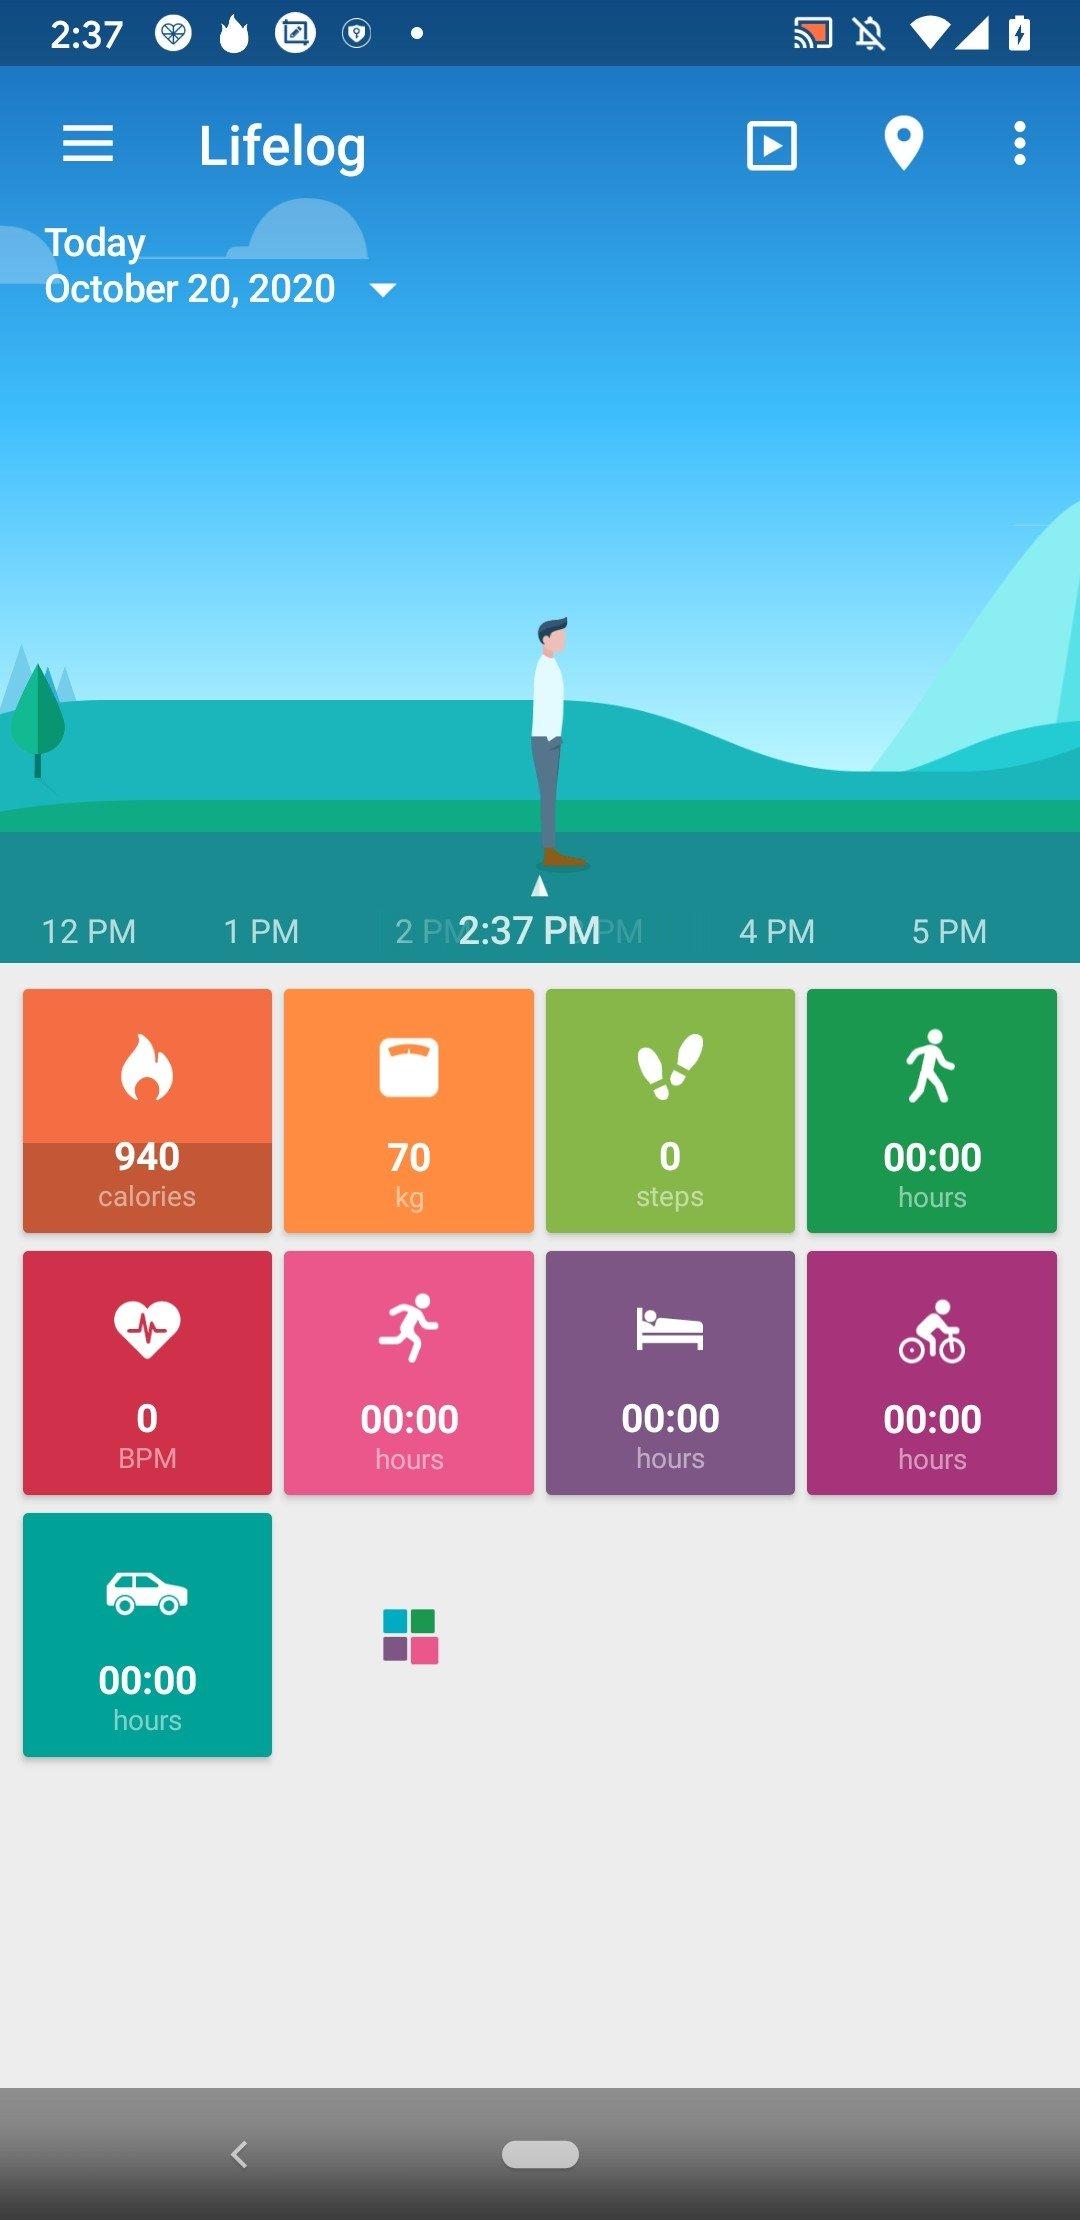 Lifelog Android image 2